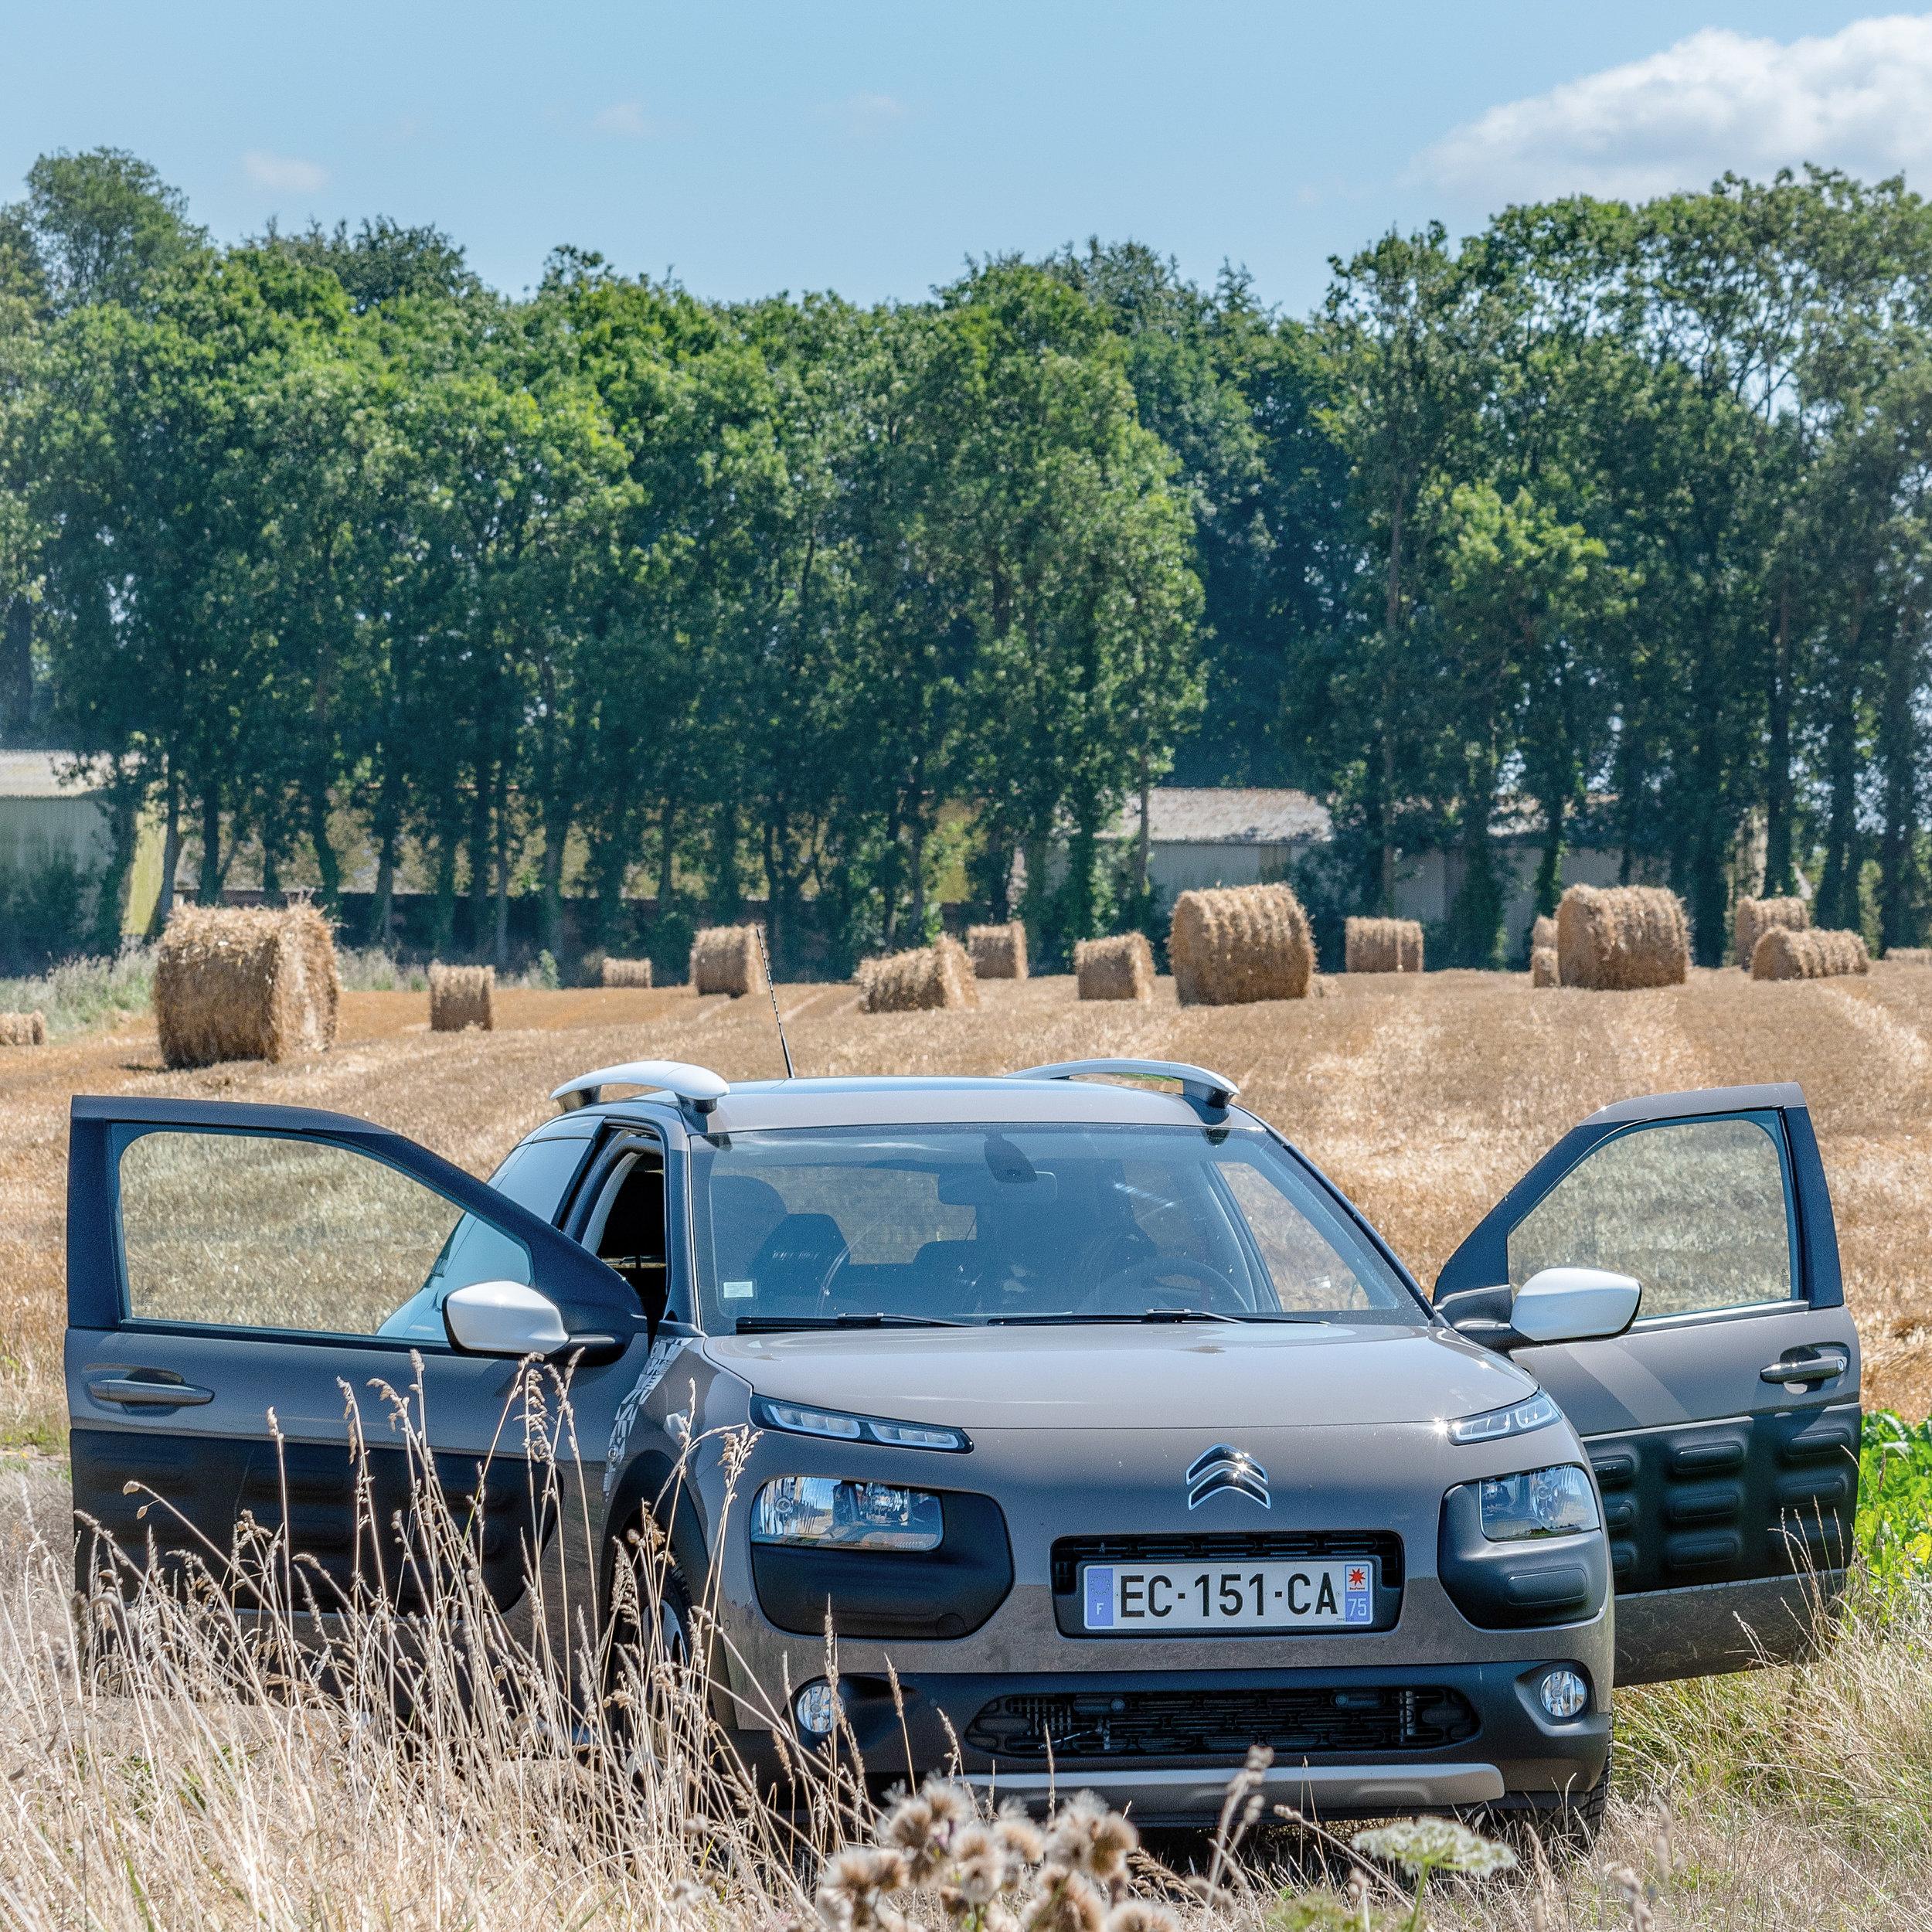 4x4 mode in the wheat fields